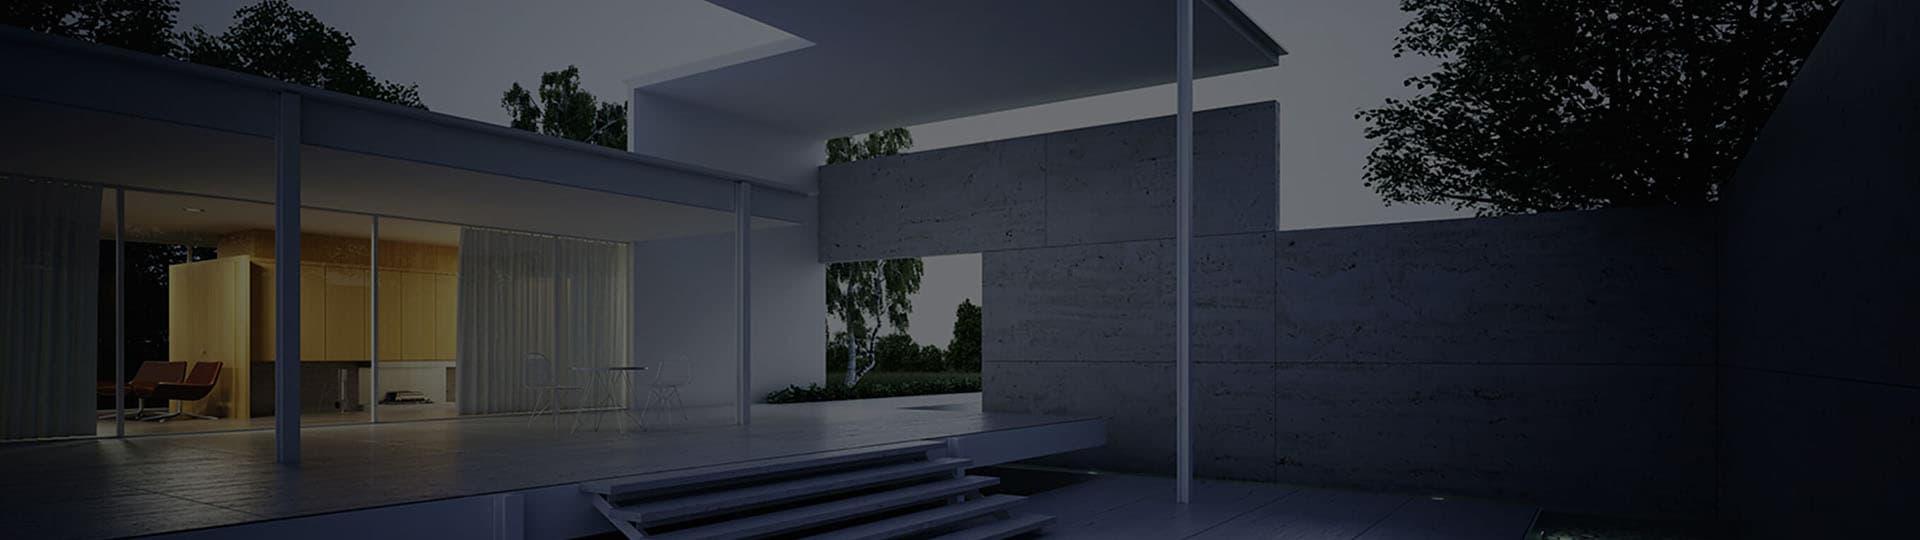 Firma-de-proiectare-constructii-Weiss-Design